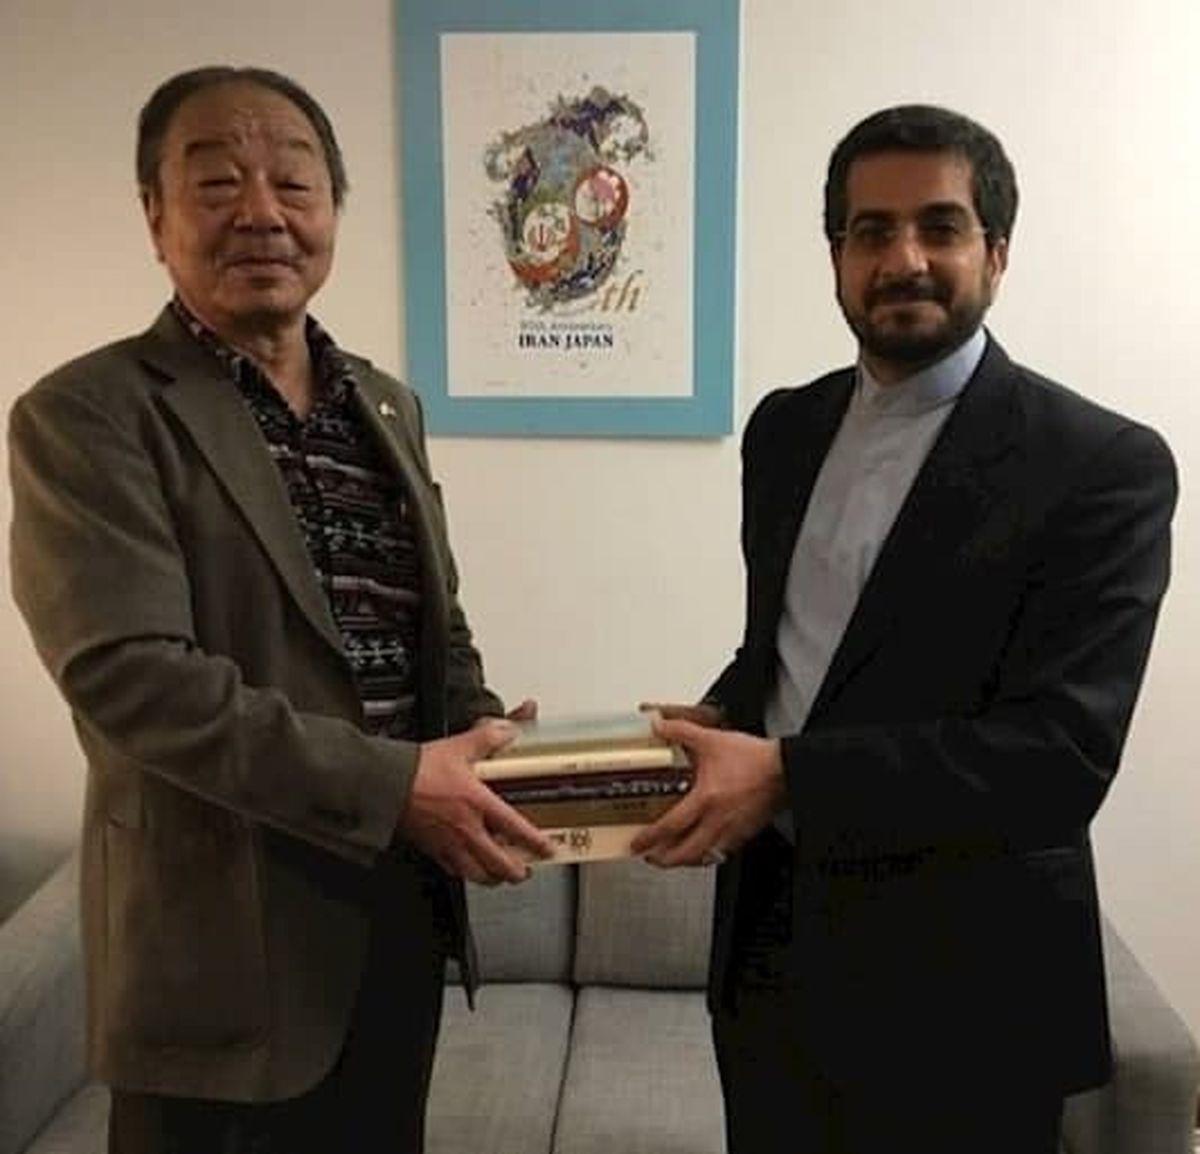 هدیه جالب محقق ژاپنی به رایزن فرهنگی ایران